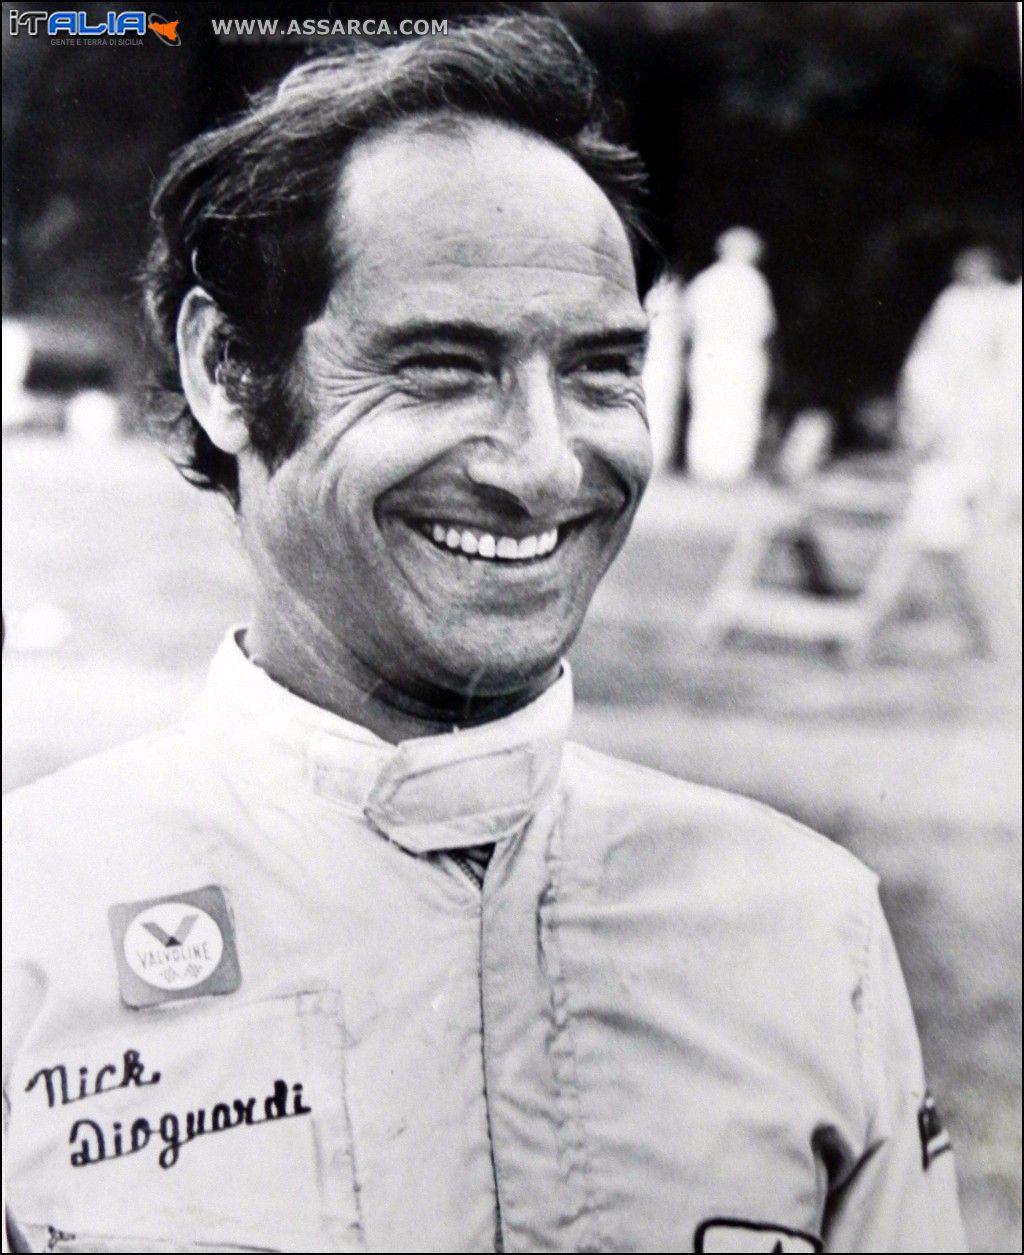 Nick Dioguardi